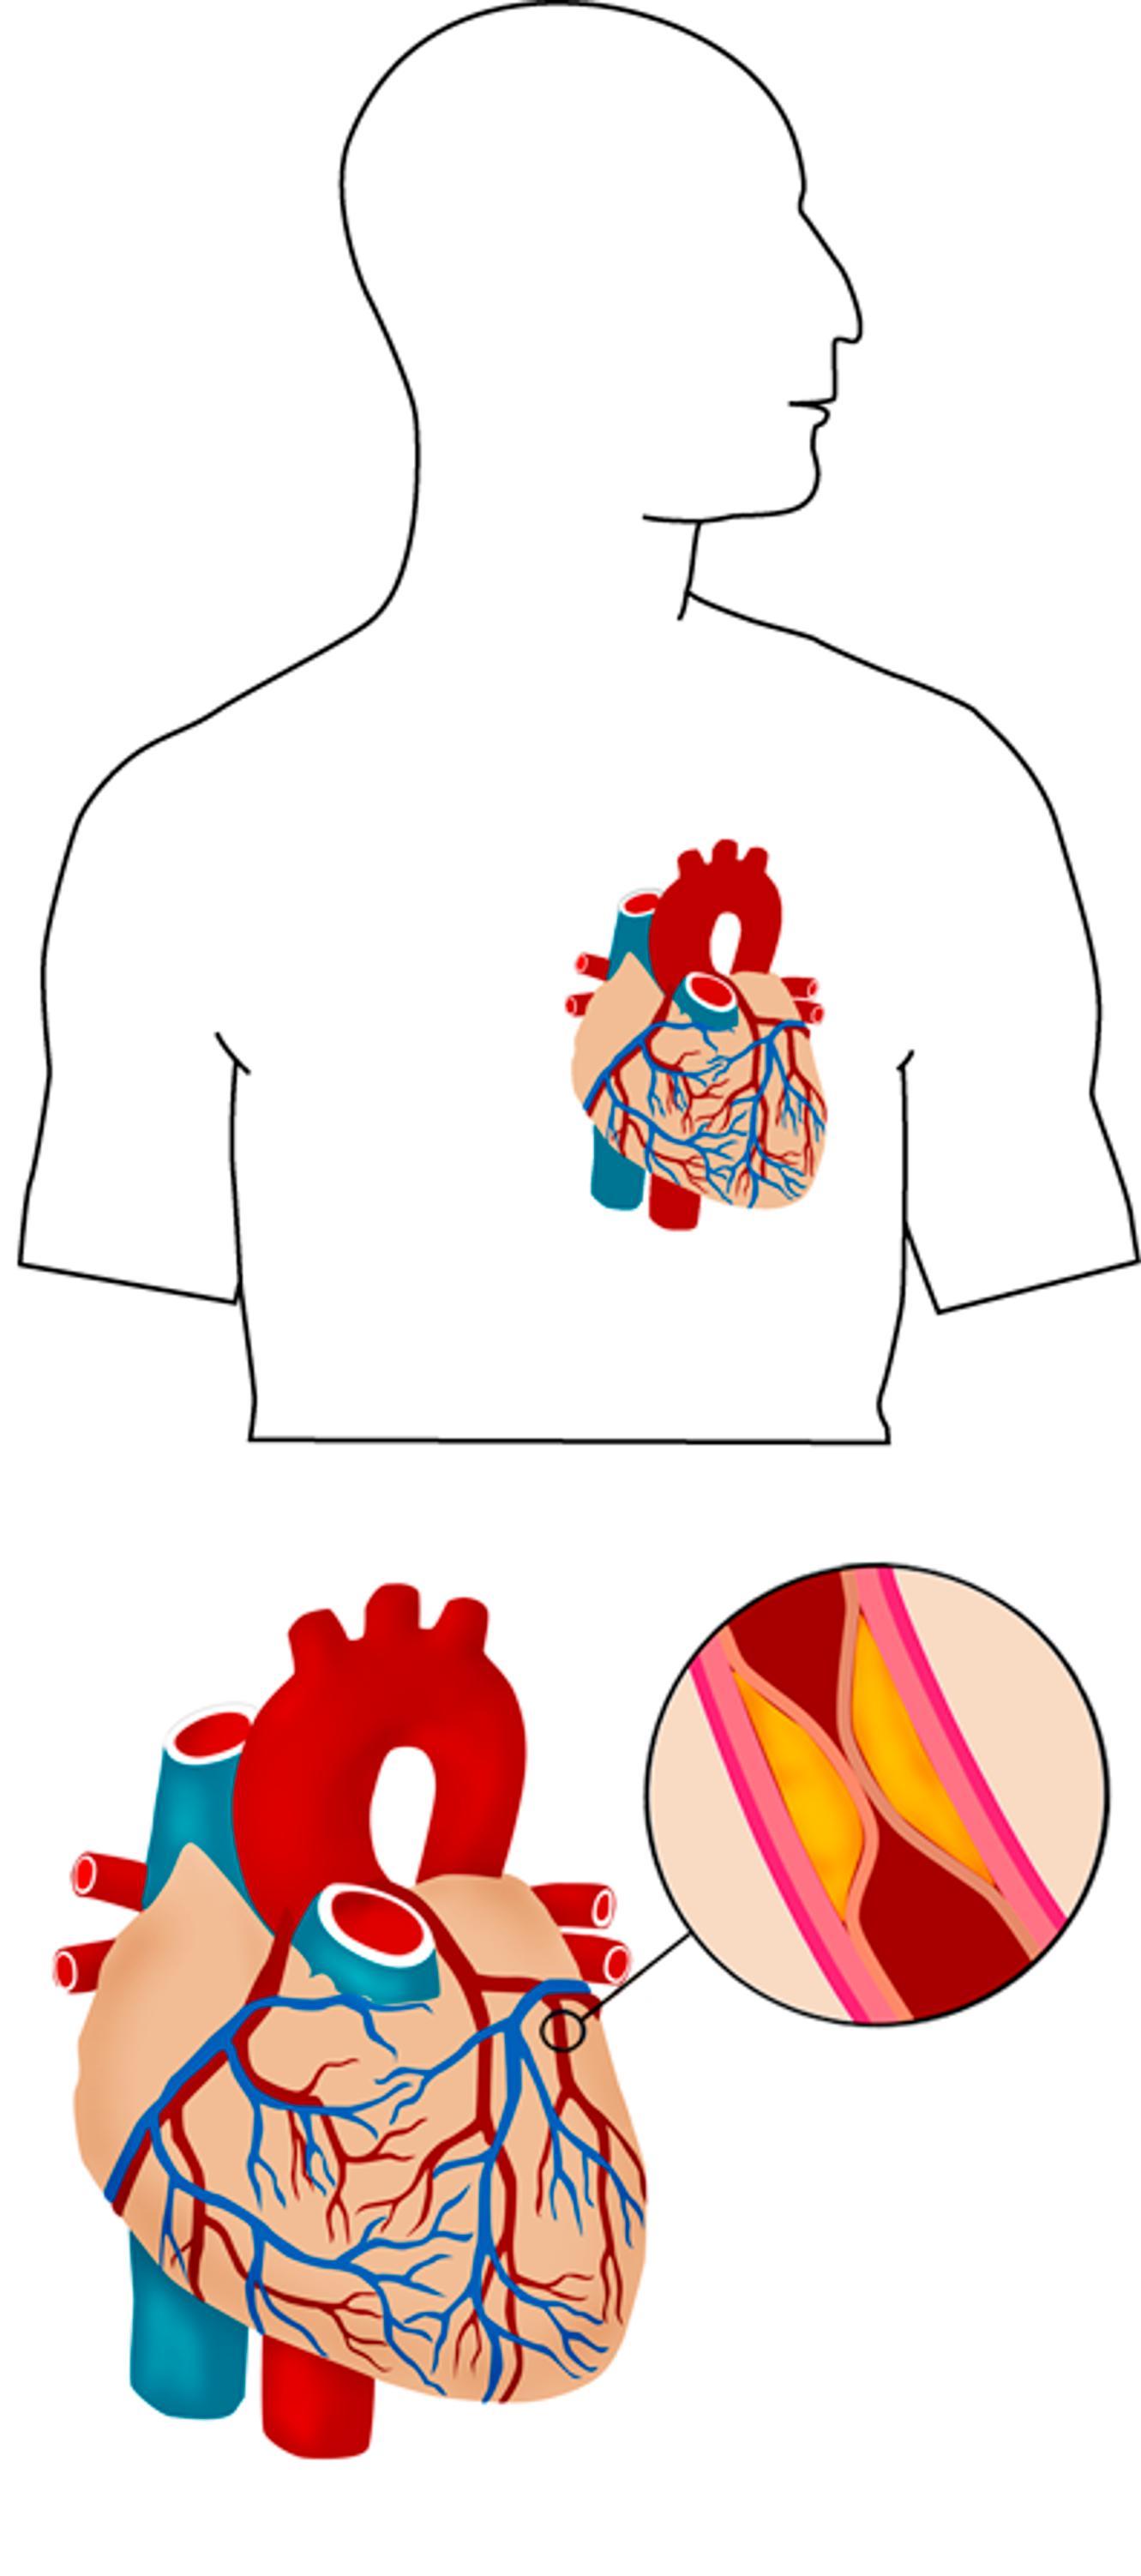 Sydän Ja Verisuonitaudit Ruokavalio